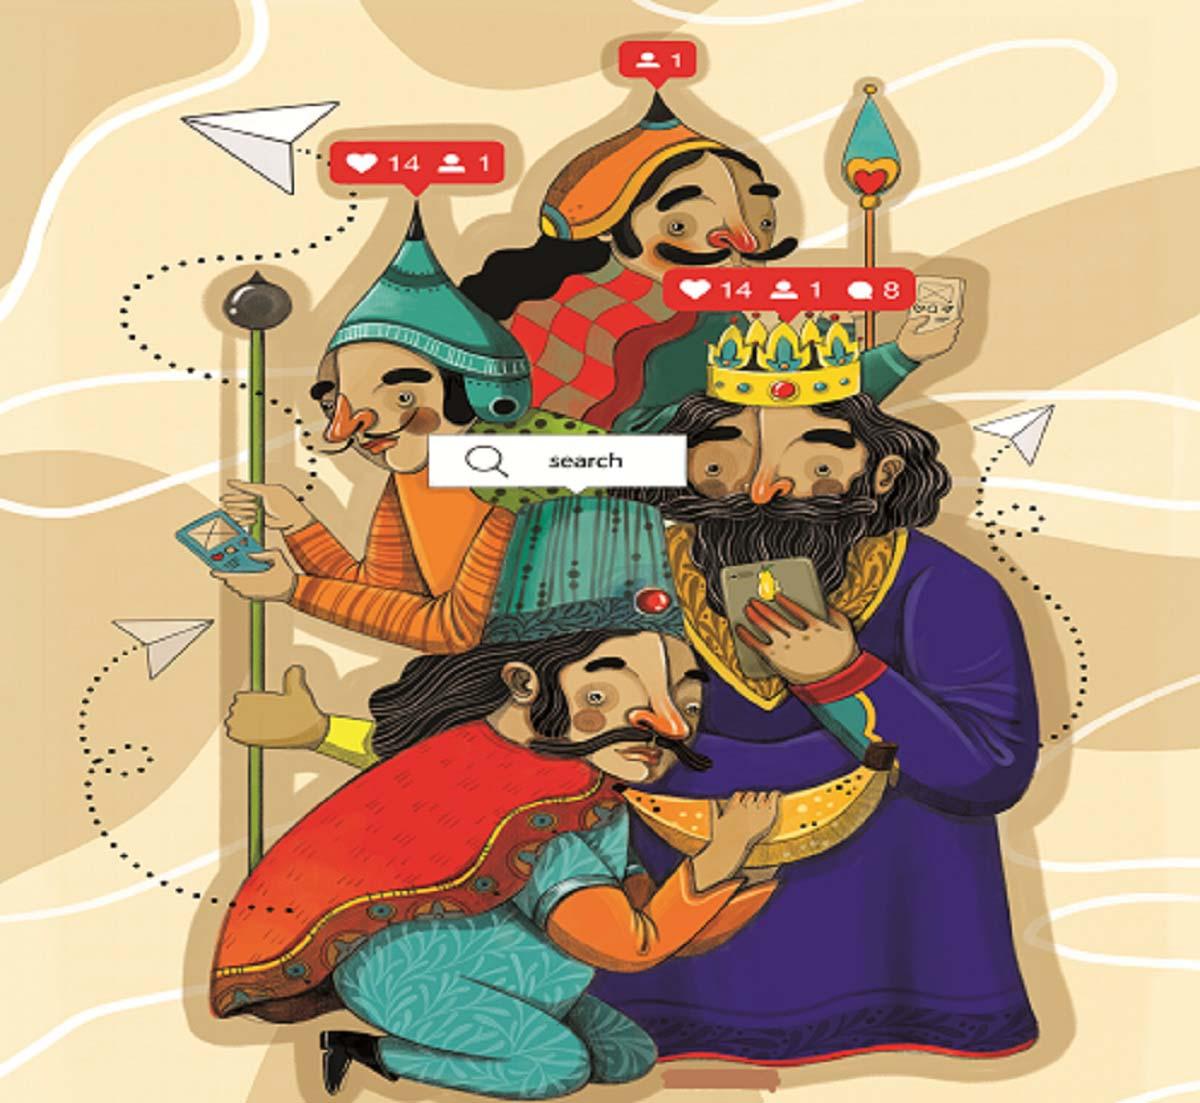 میرزا و پادشاه خونریز